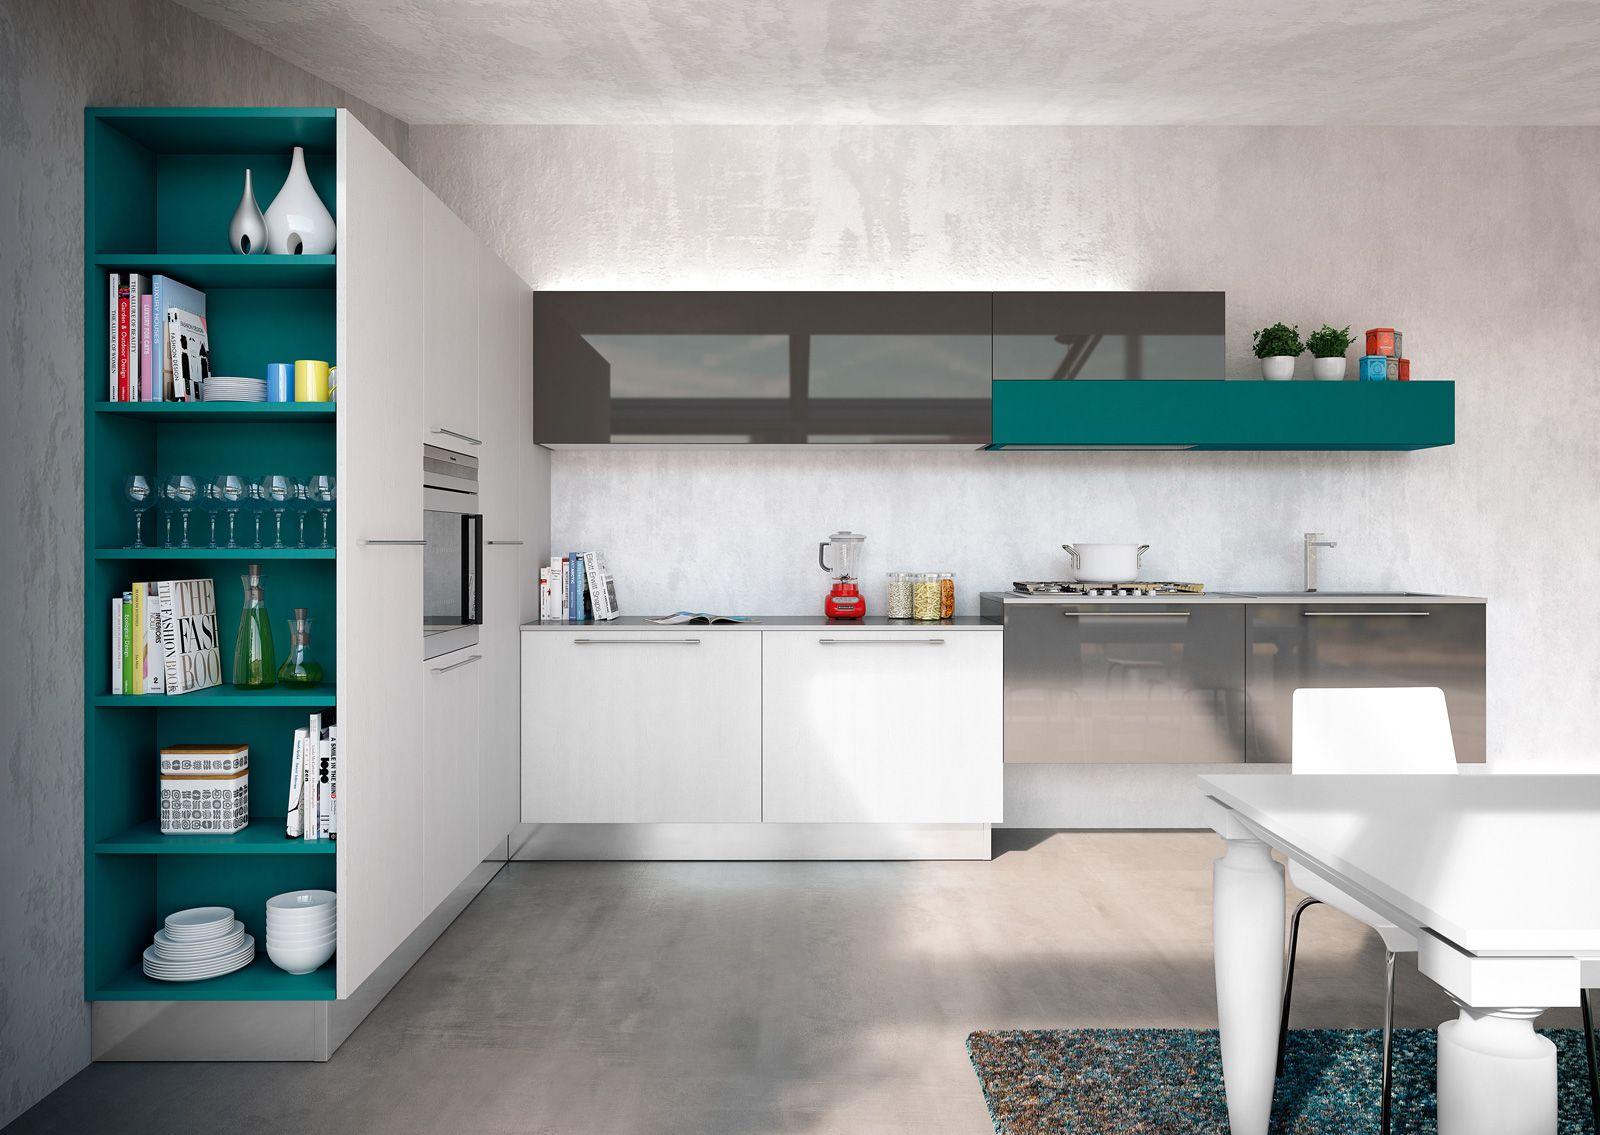 Mensole Ikea Cucina Prezzi cucine con elementi colorati: mensole, vani a giorno